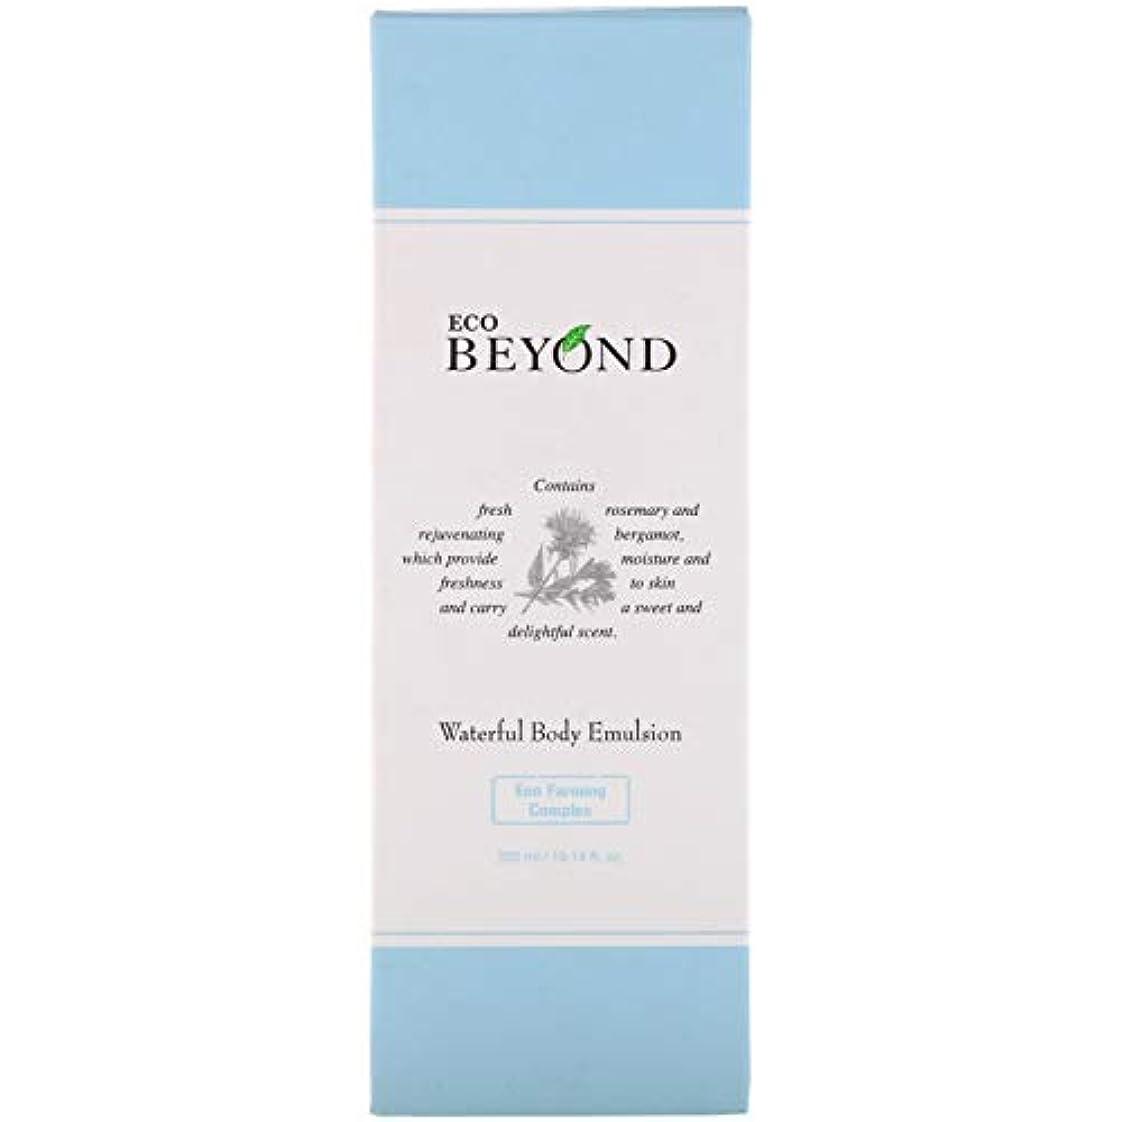 枯渇無数のアーネストシャクルトン[ビヨンド] BEYOND [ウォーターフル ボディ エマルジョン 300ml] Waterful Body Emulsion 300ml [海外直送品]